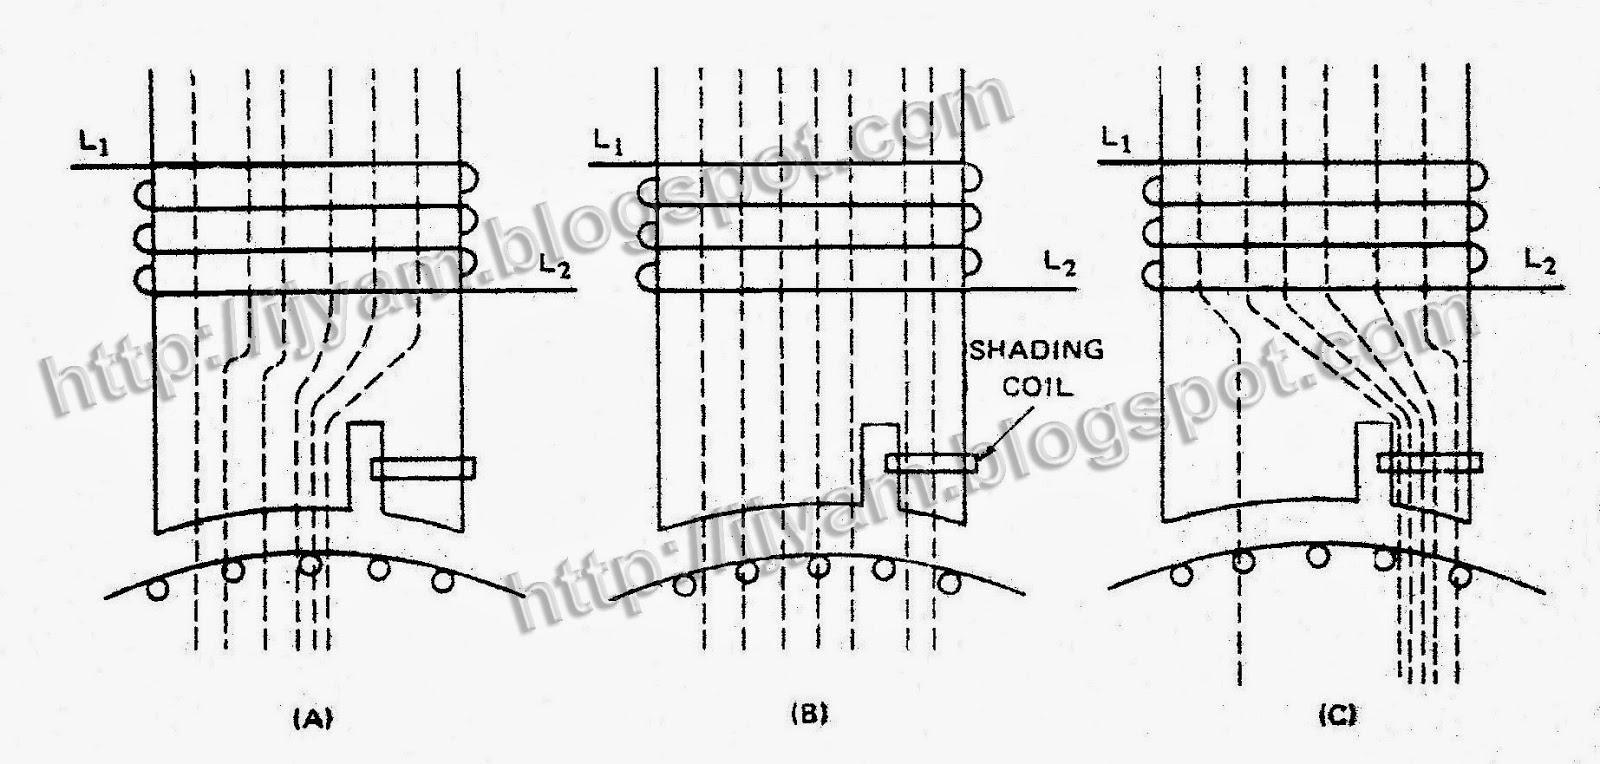 8 pole motor diagram wiring schematic